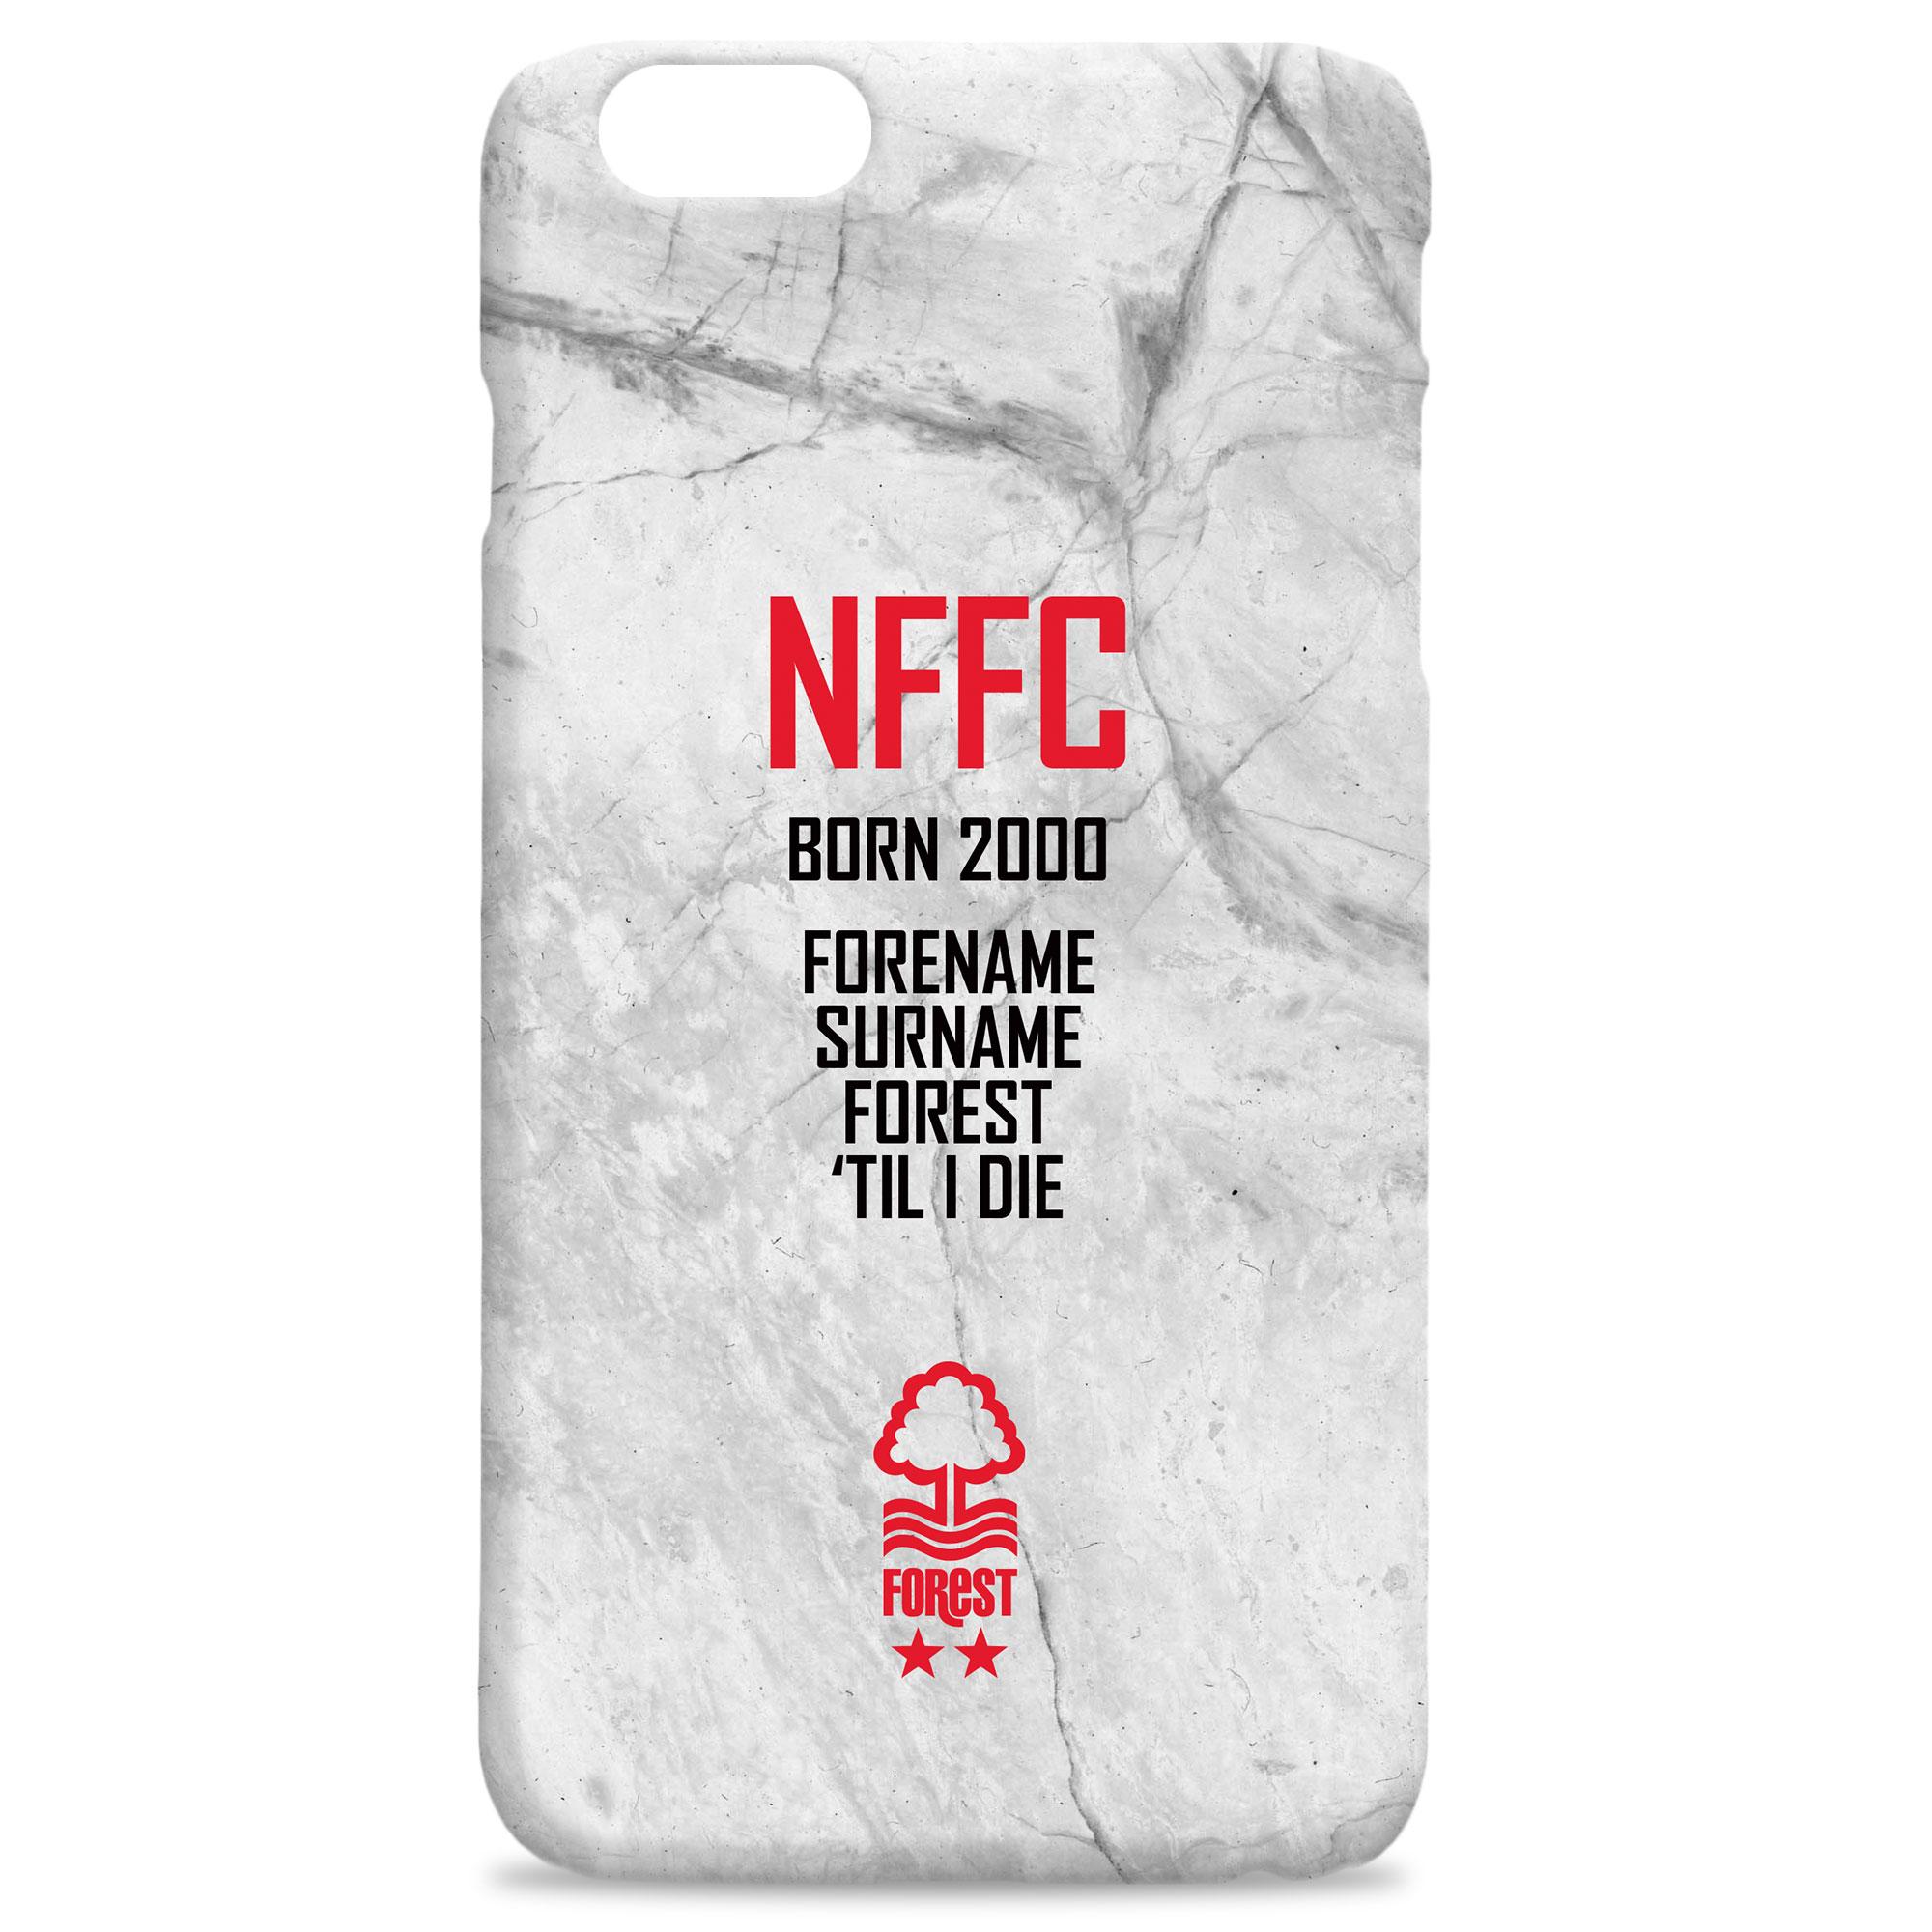 Nottingham Forest FC 'Til I Die Hard Back Phone Case